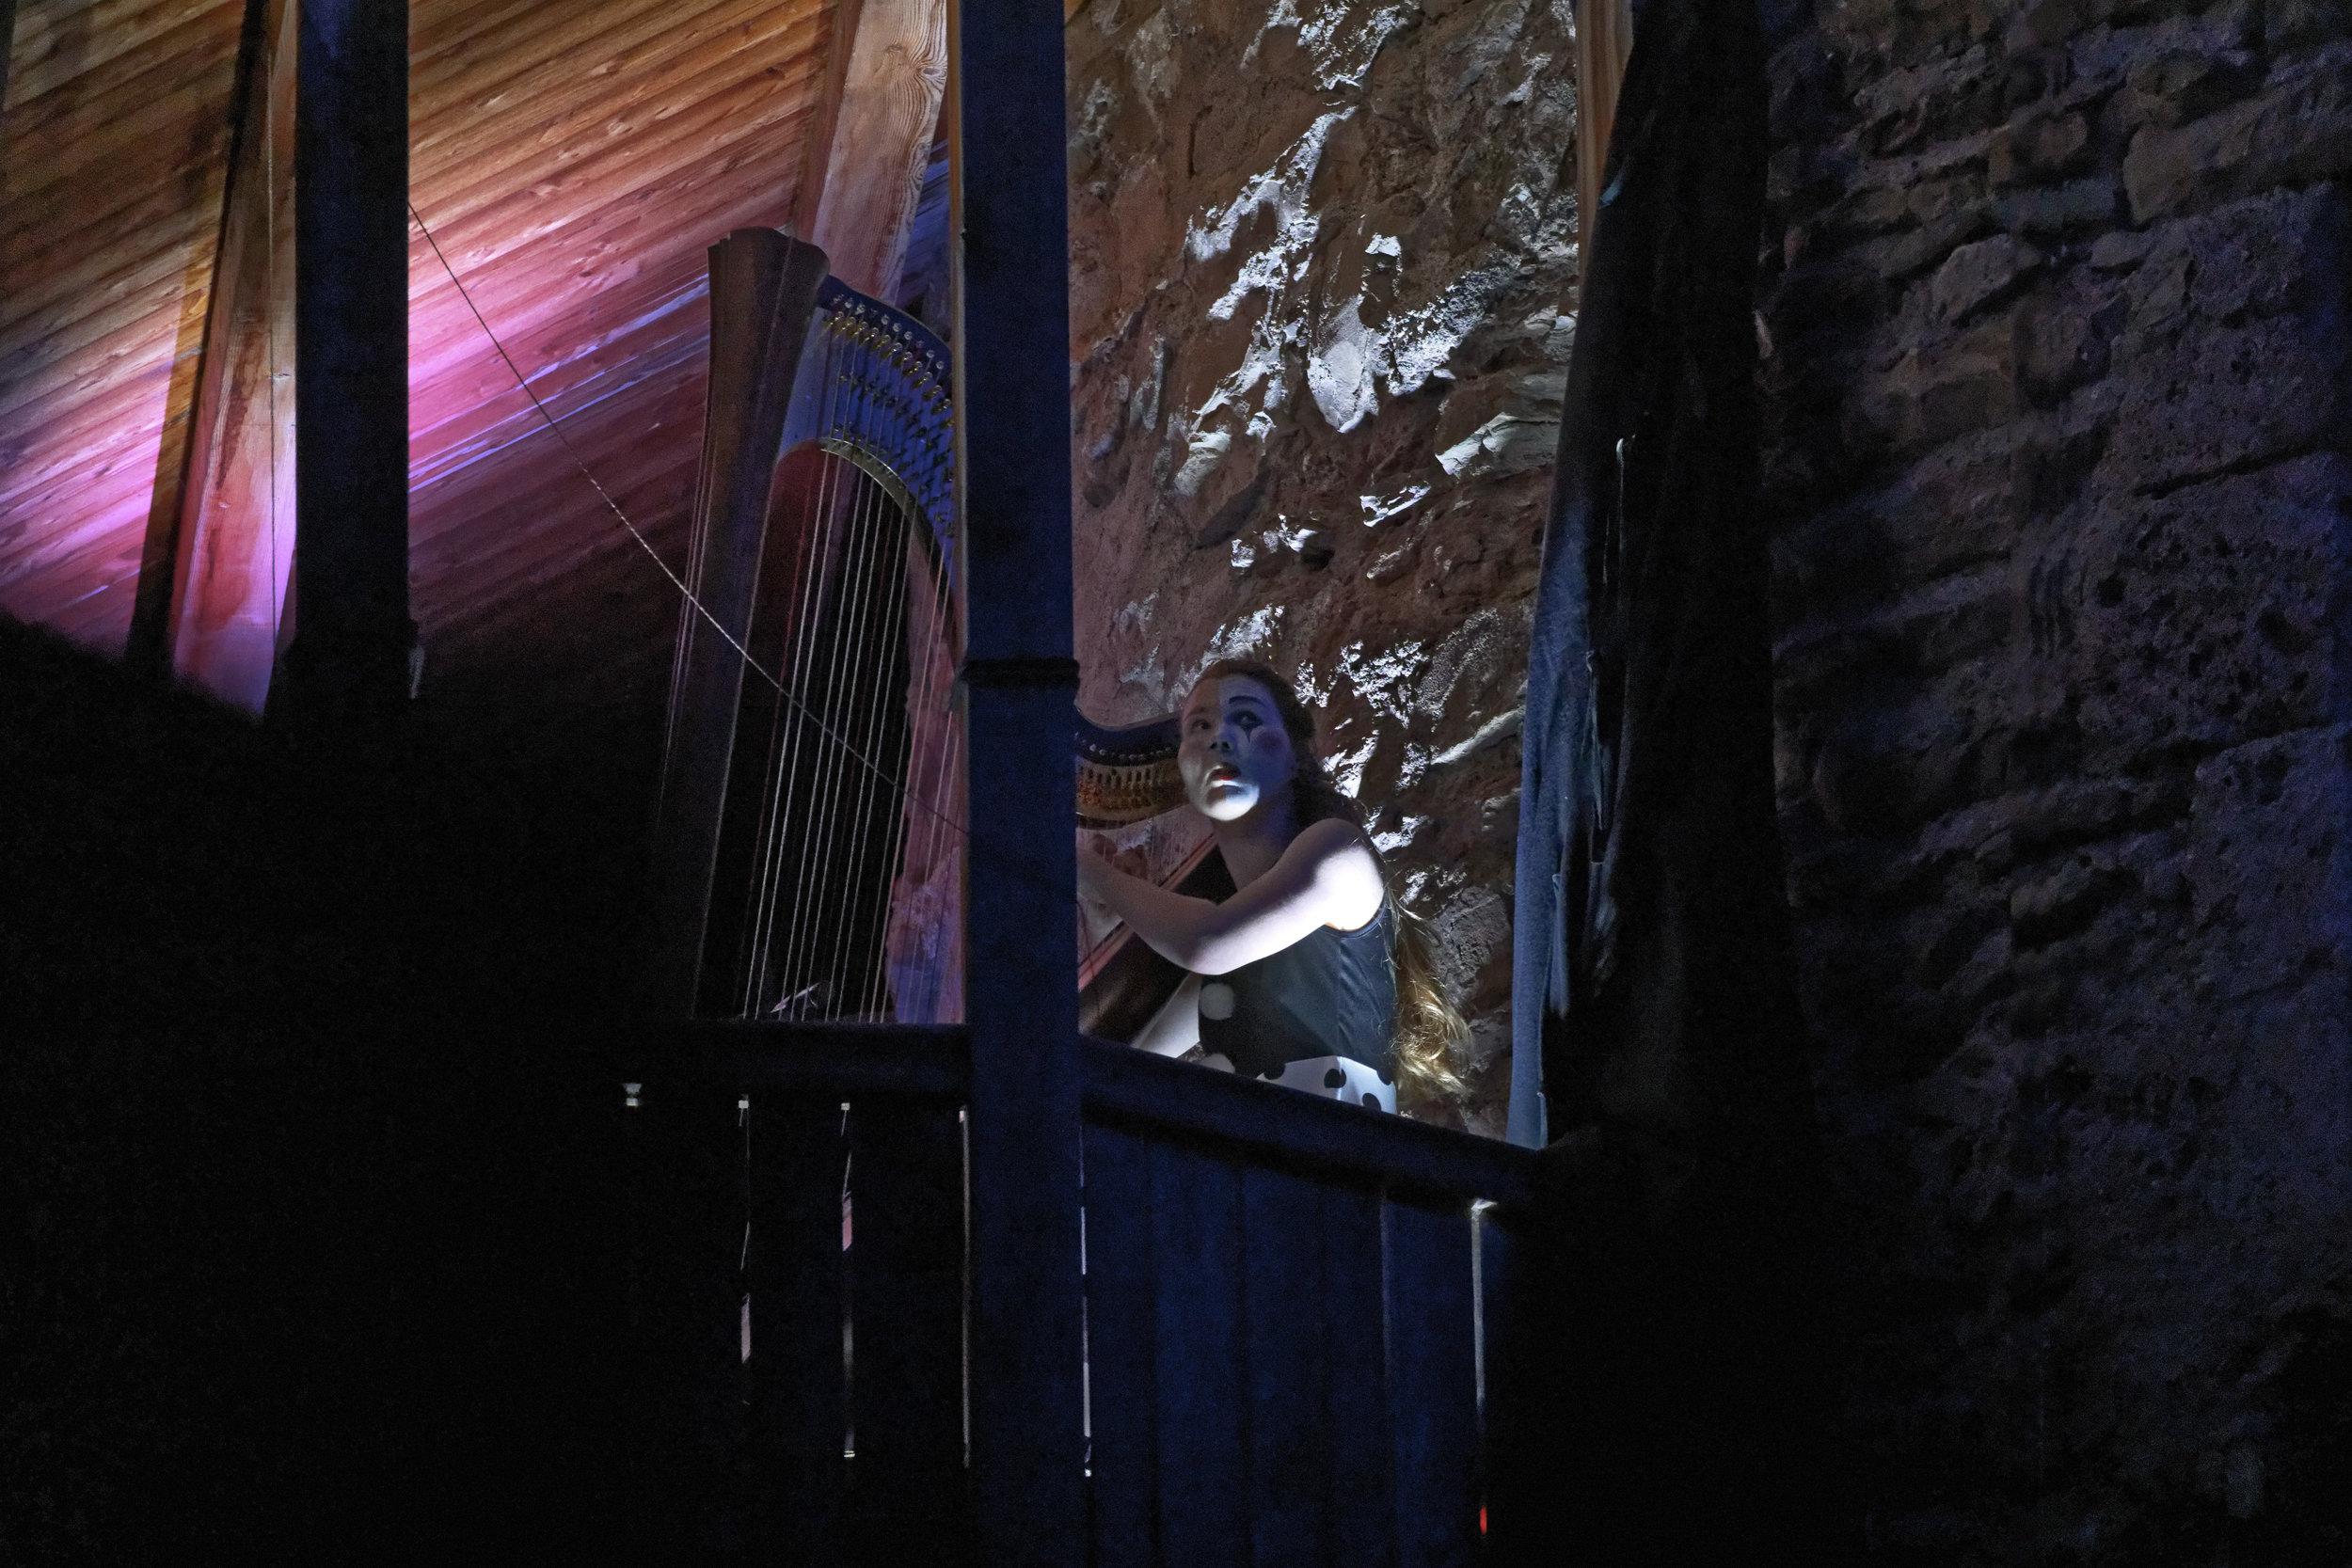 Fête de la Musique Tour de Peilz harpe suisse highline trickline show funambule circus performance spectacle ecole suisse Slackline Lyell Grunberg (3).jpg